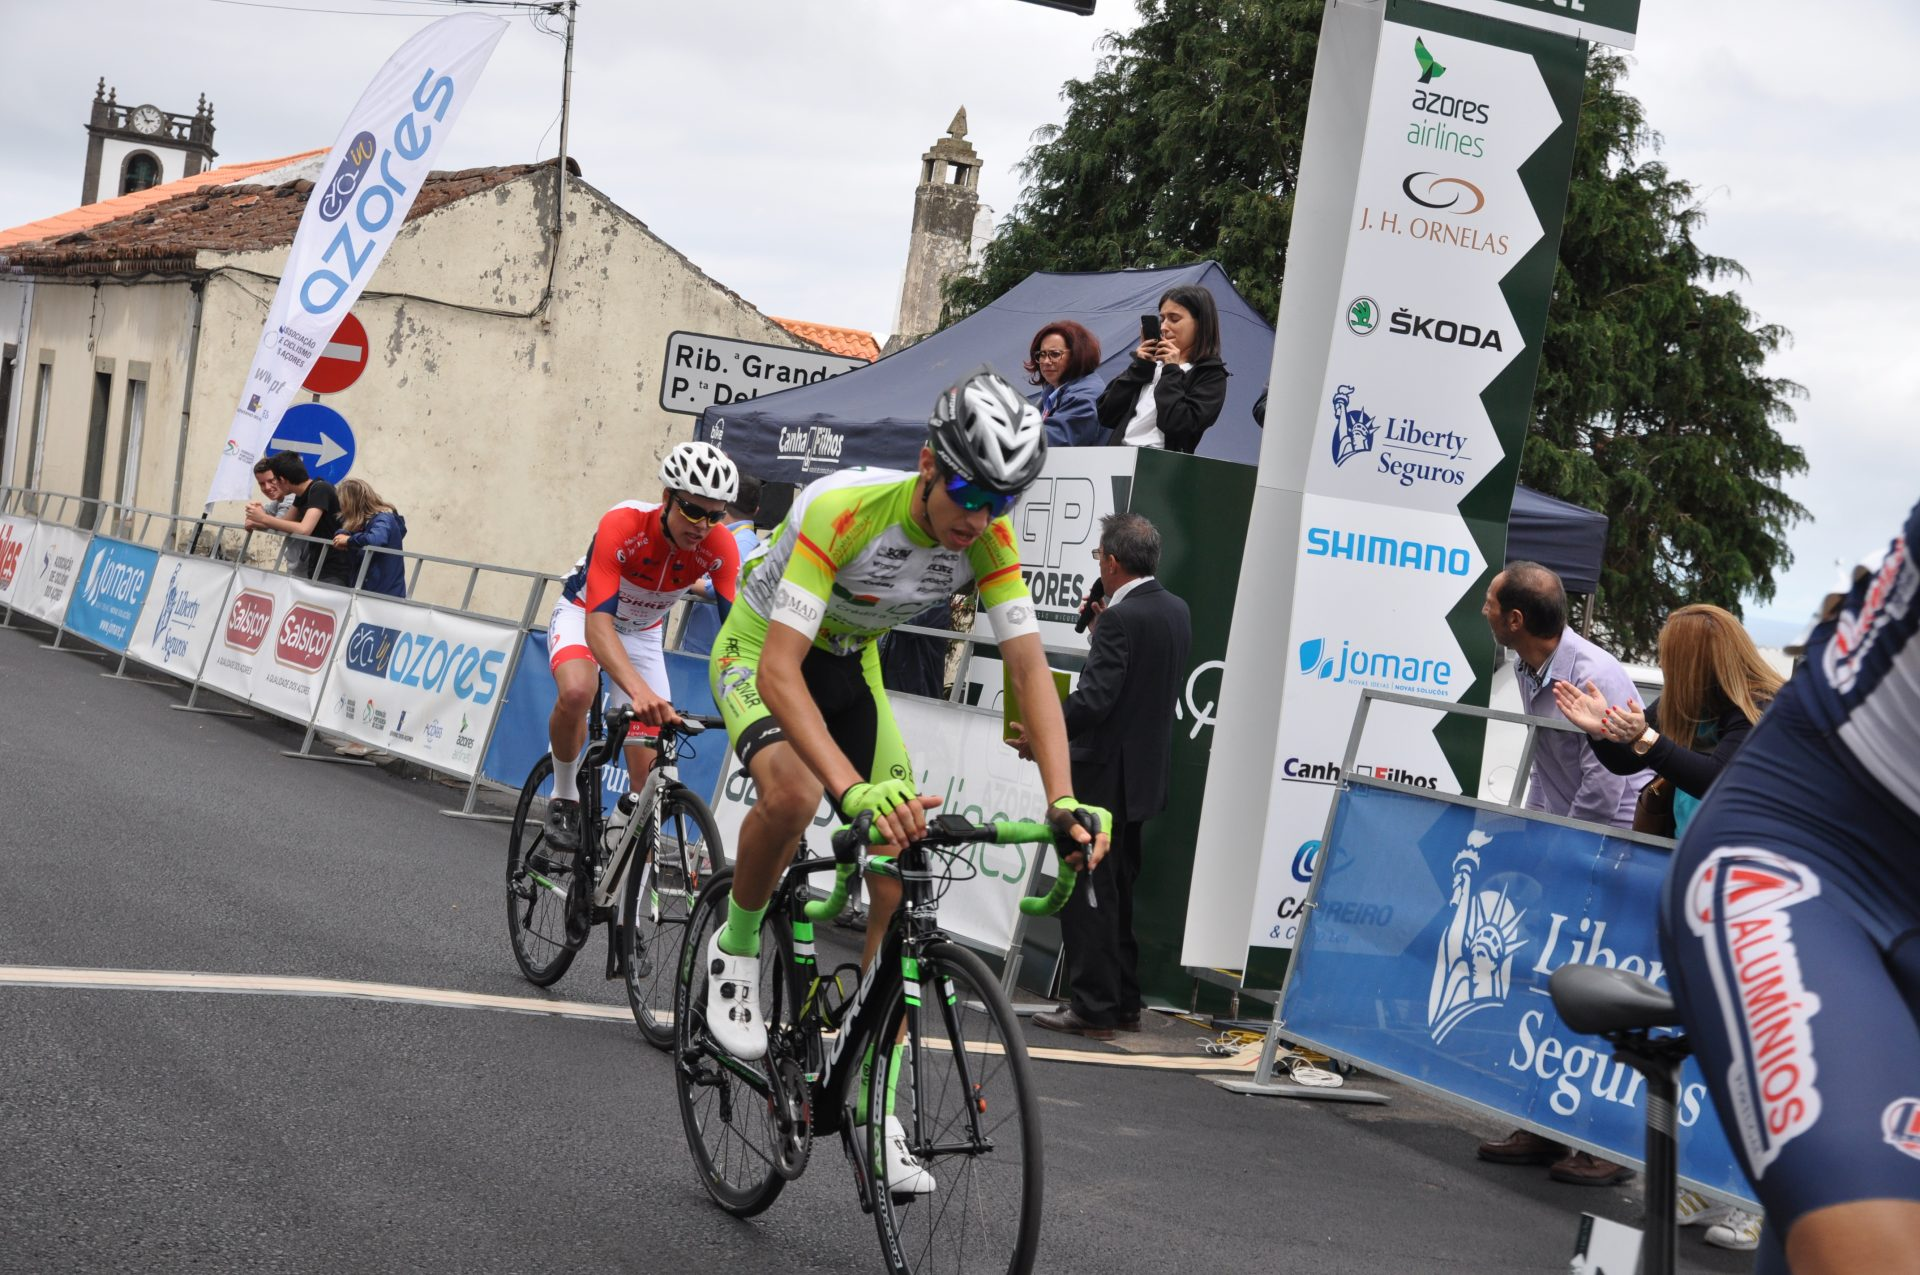 Prova Internacional GP Açores - 17 maio 2019